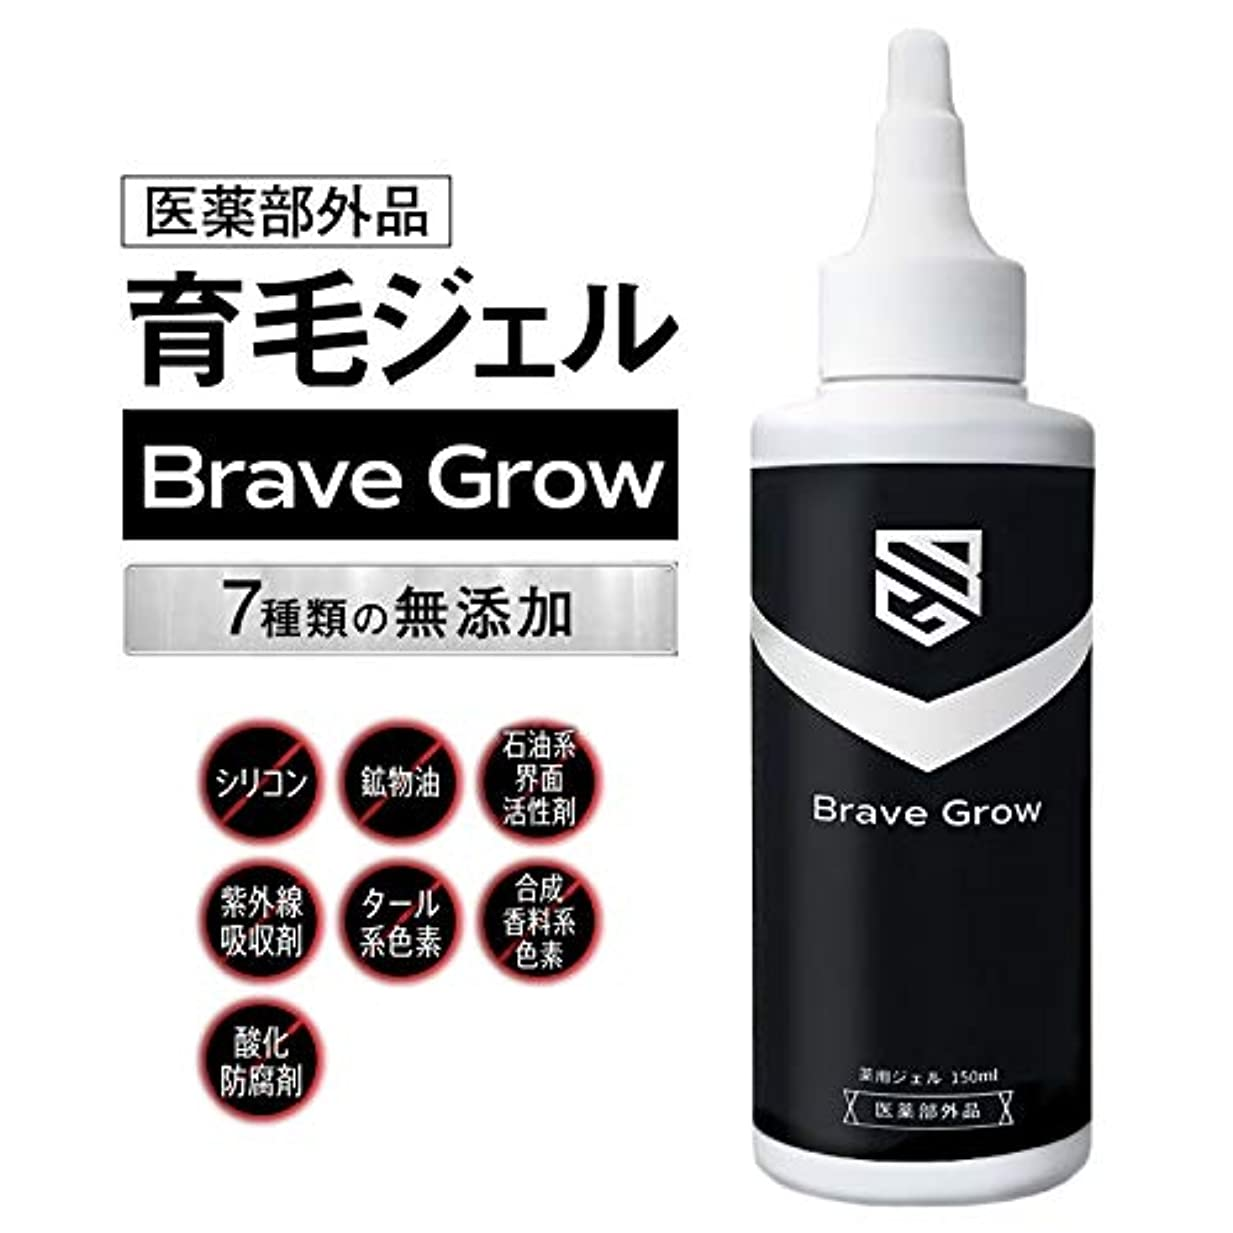 冗談で自己ロードハウス育毛剤 BraveGrow ブレイブグロー 150ml 【医薬部外品】ジェルタイプ 男性